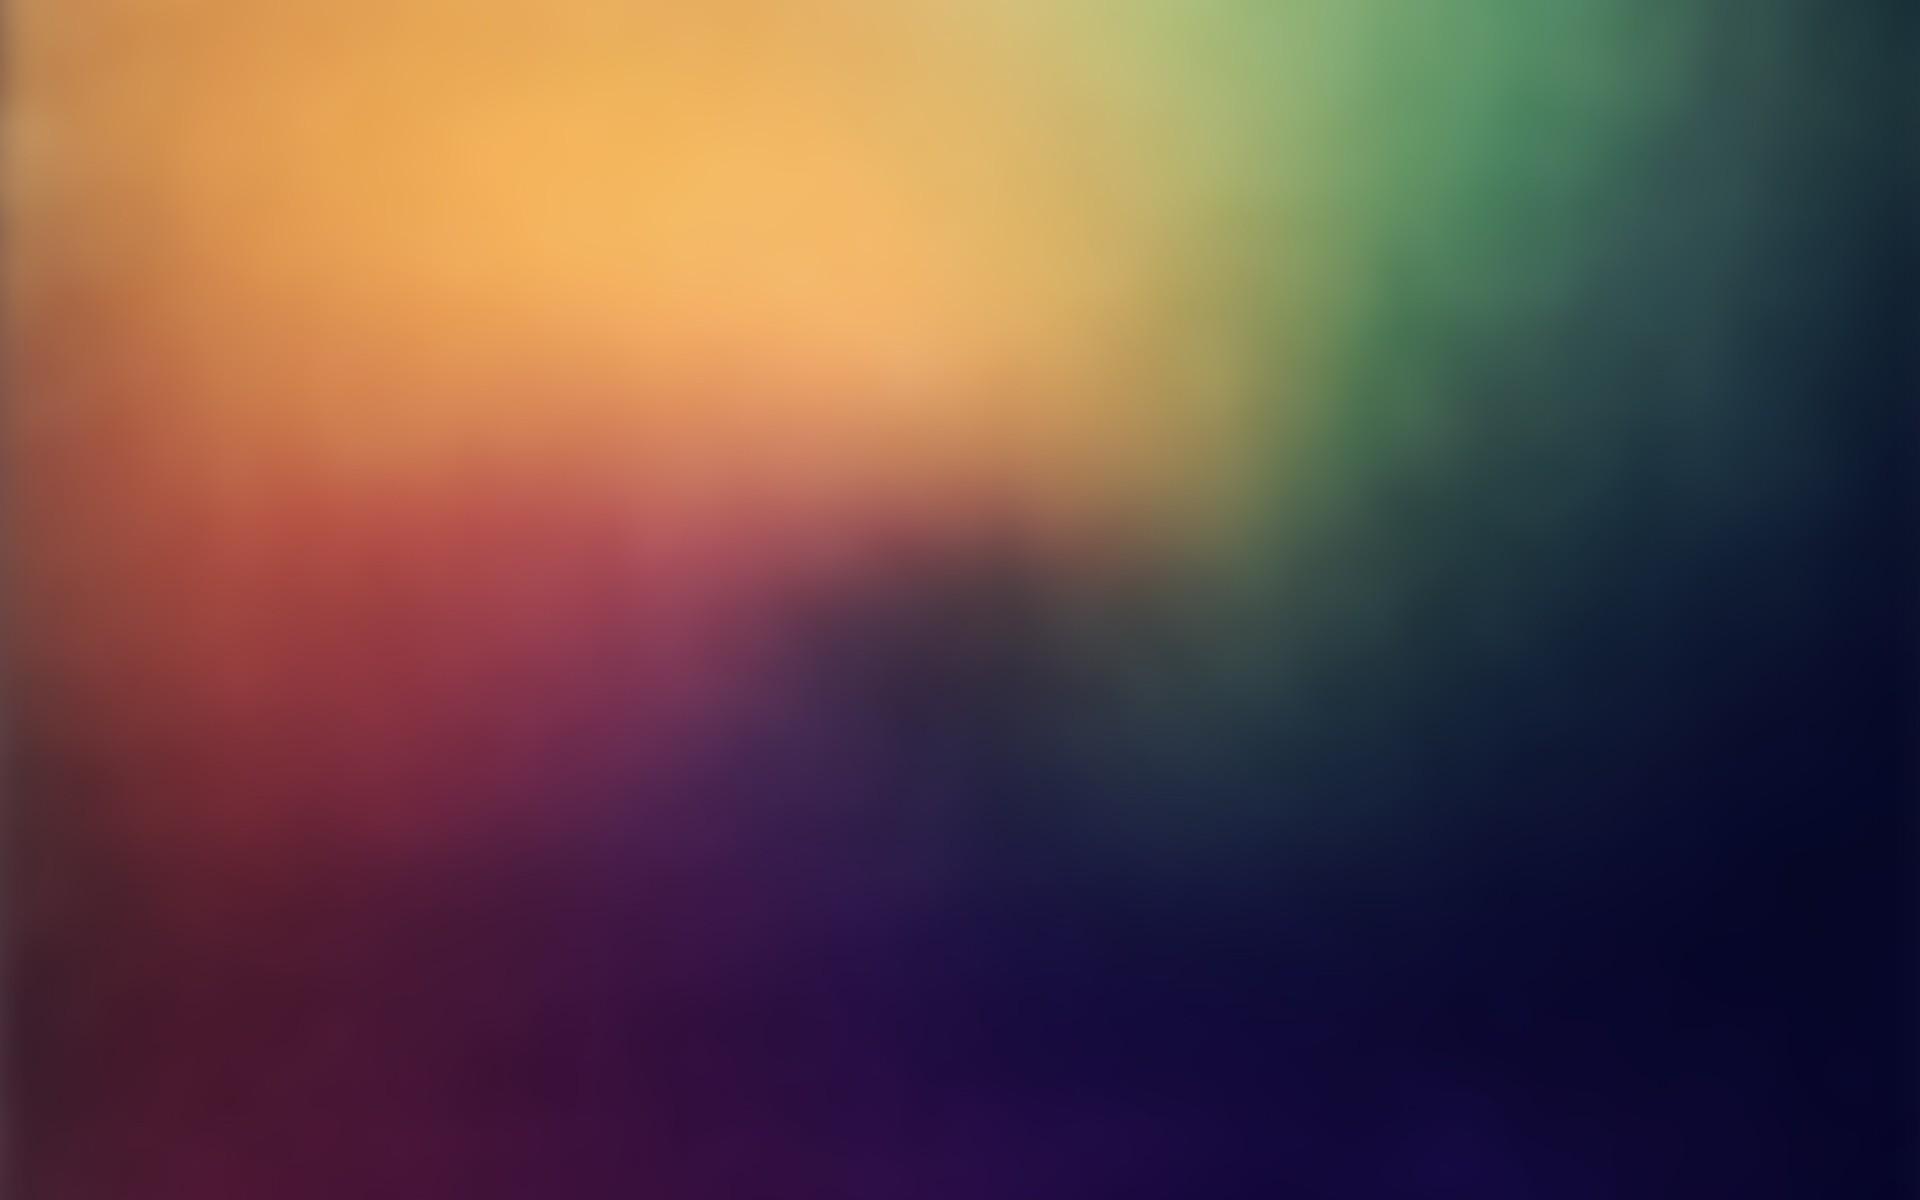 Plain Wallpaper (60+ images)